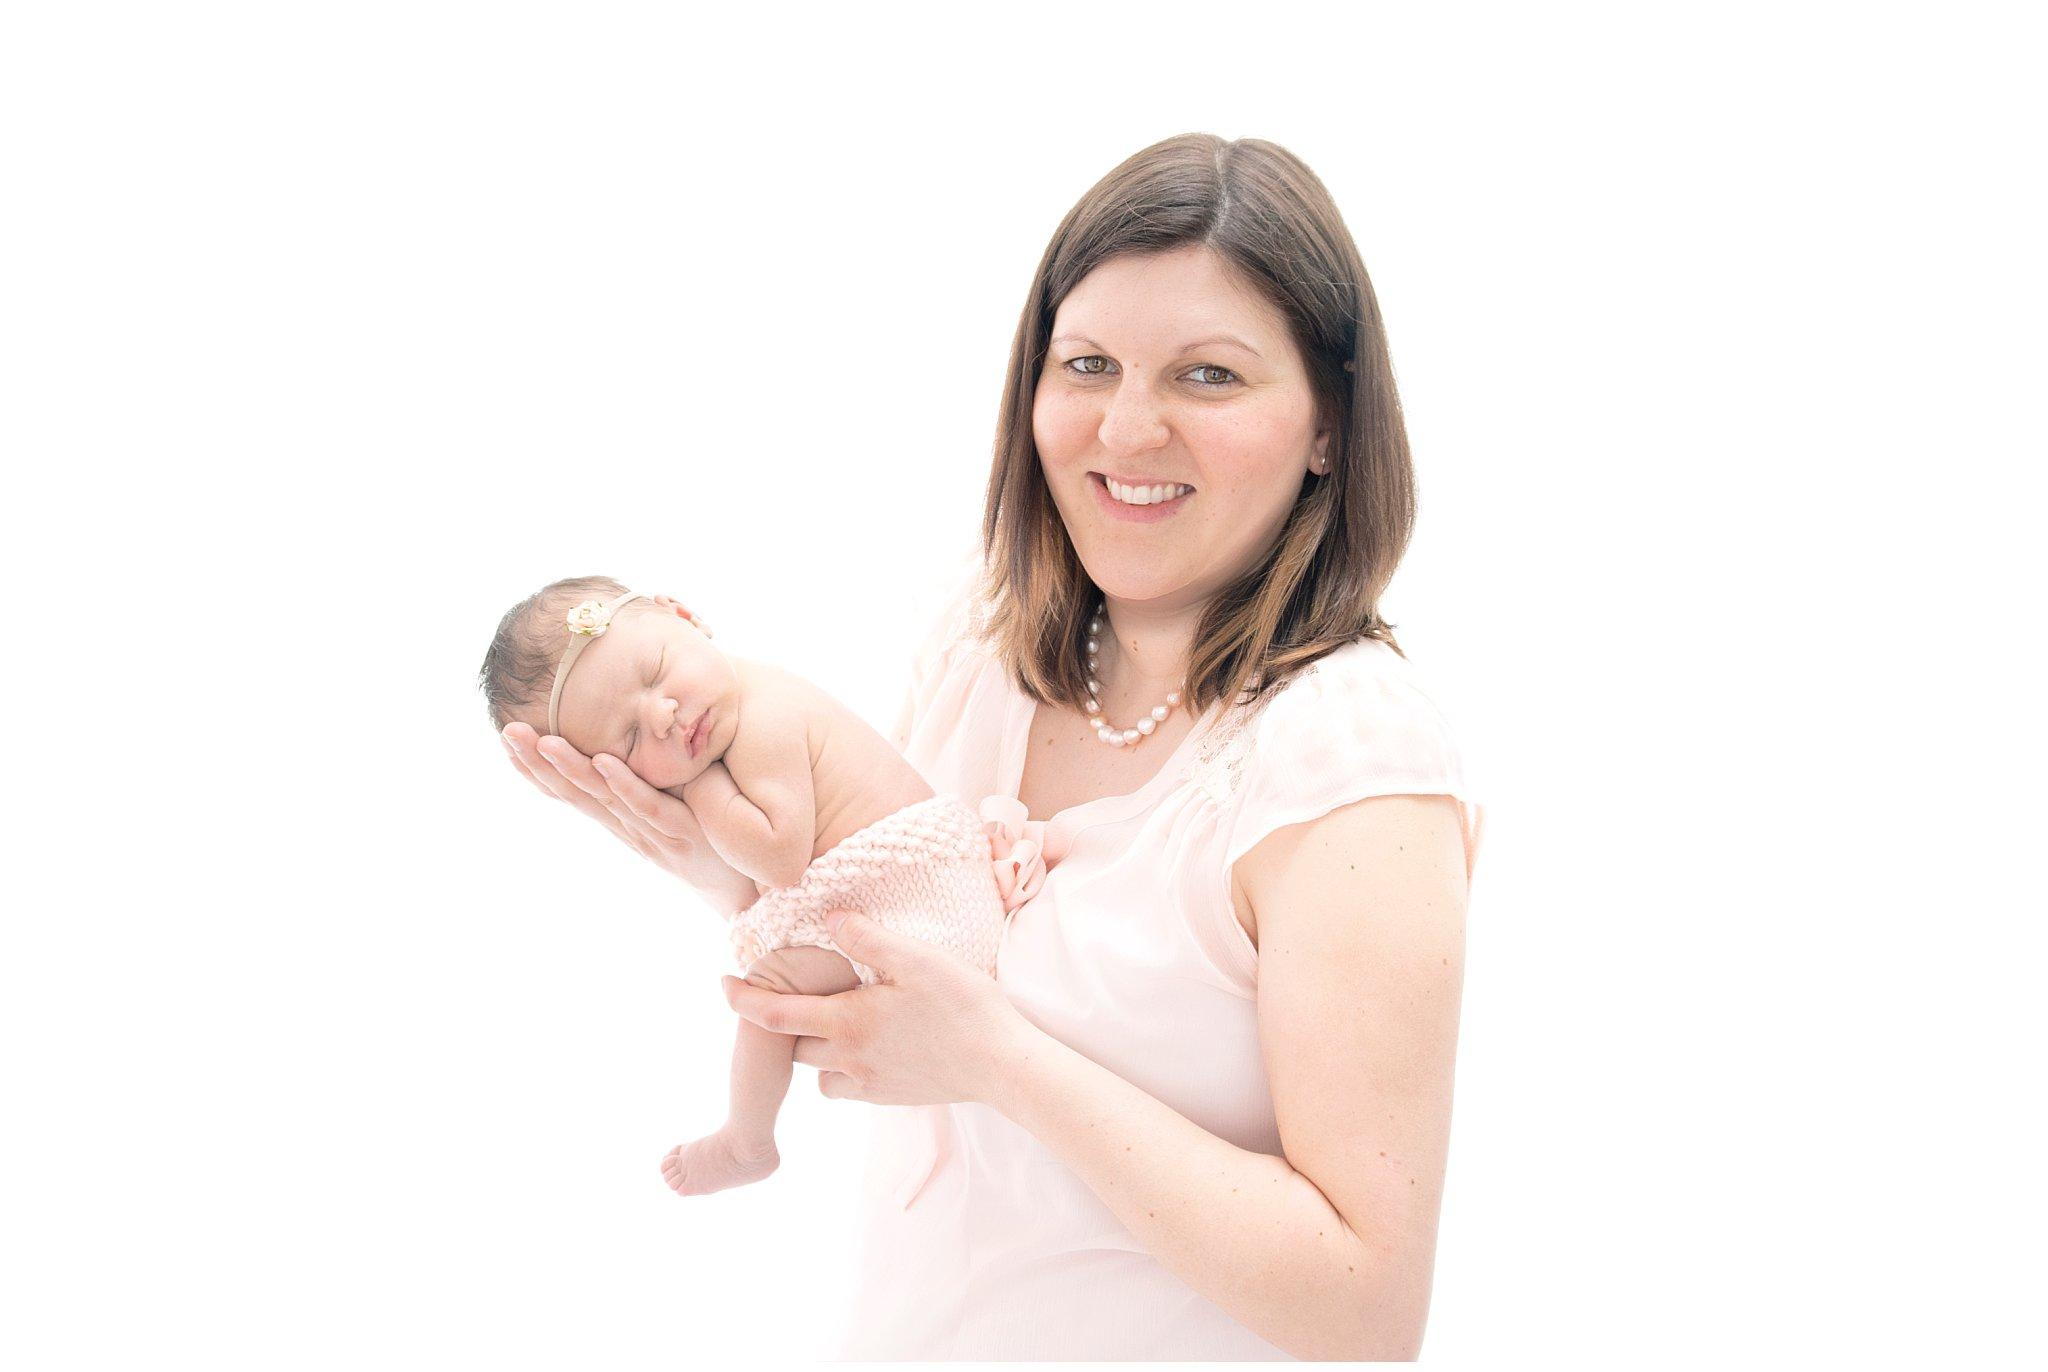 Allison-Bauer-fotograf-familienfotos